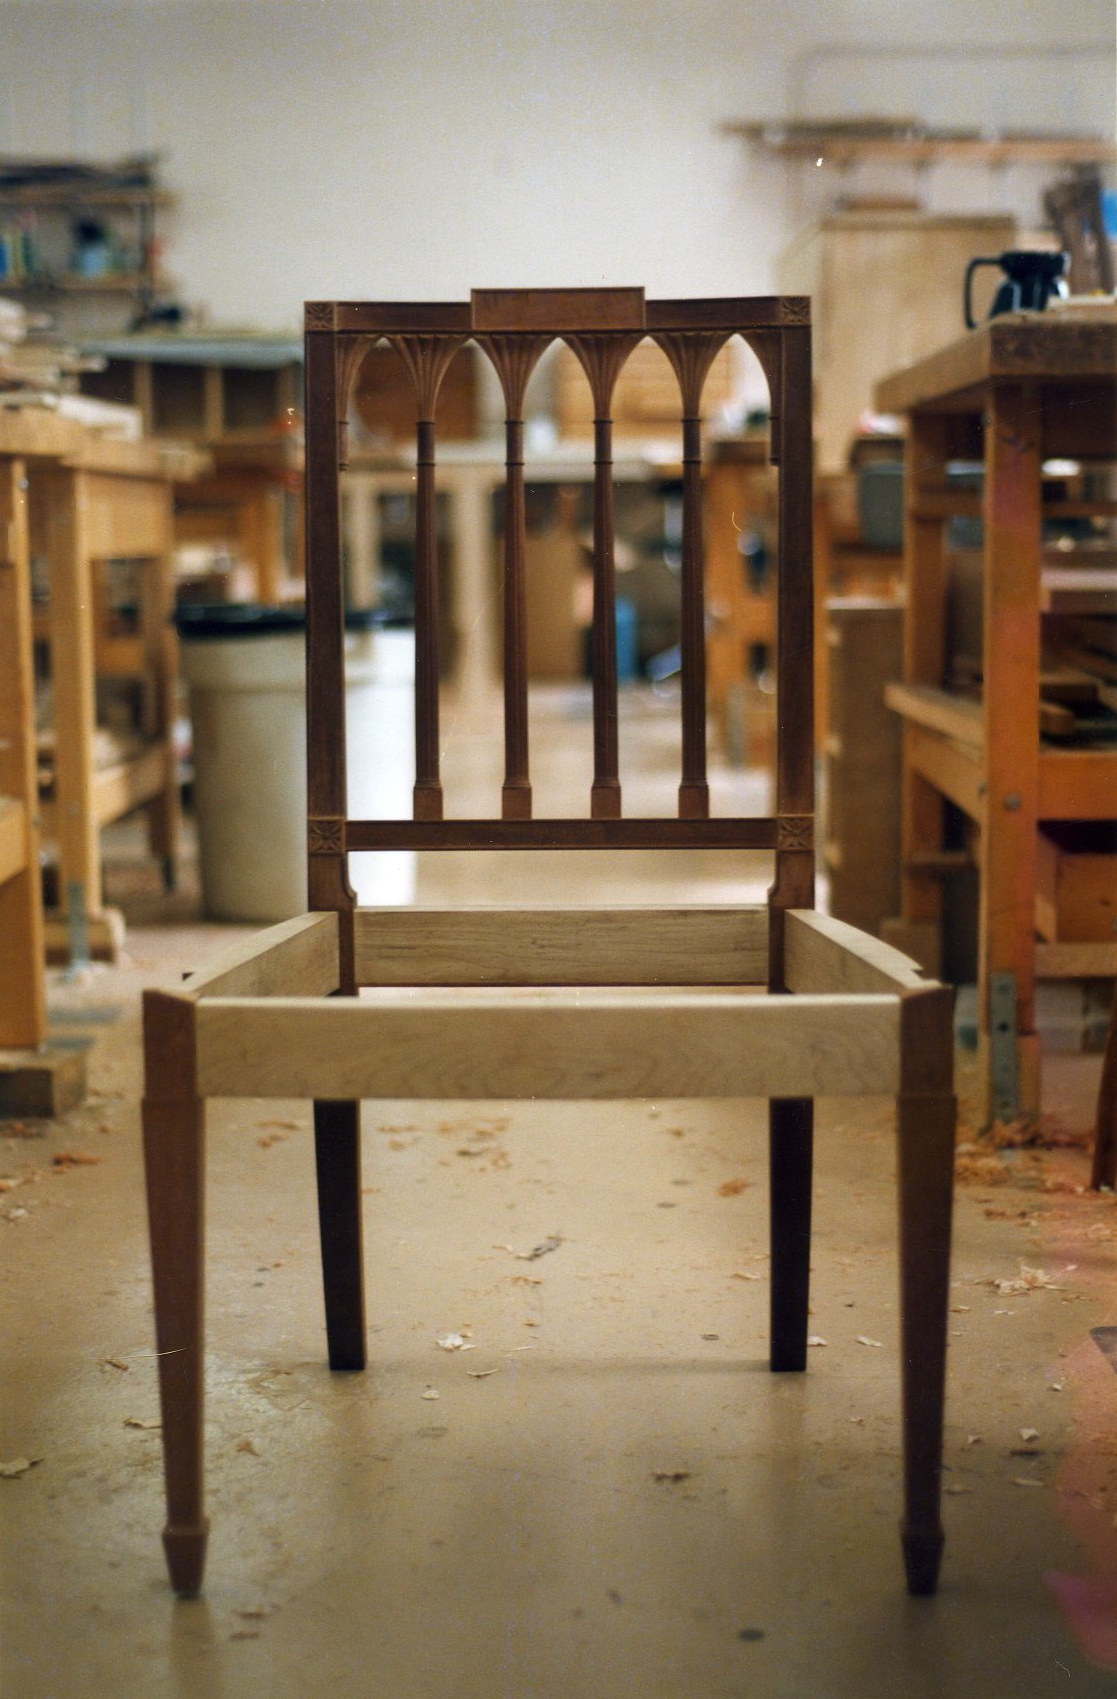 fed chair001.jpg